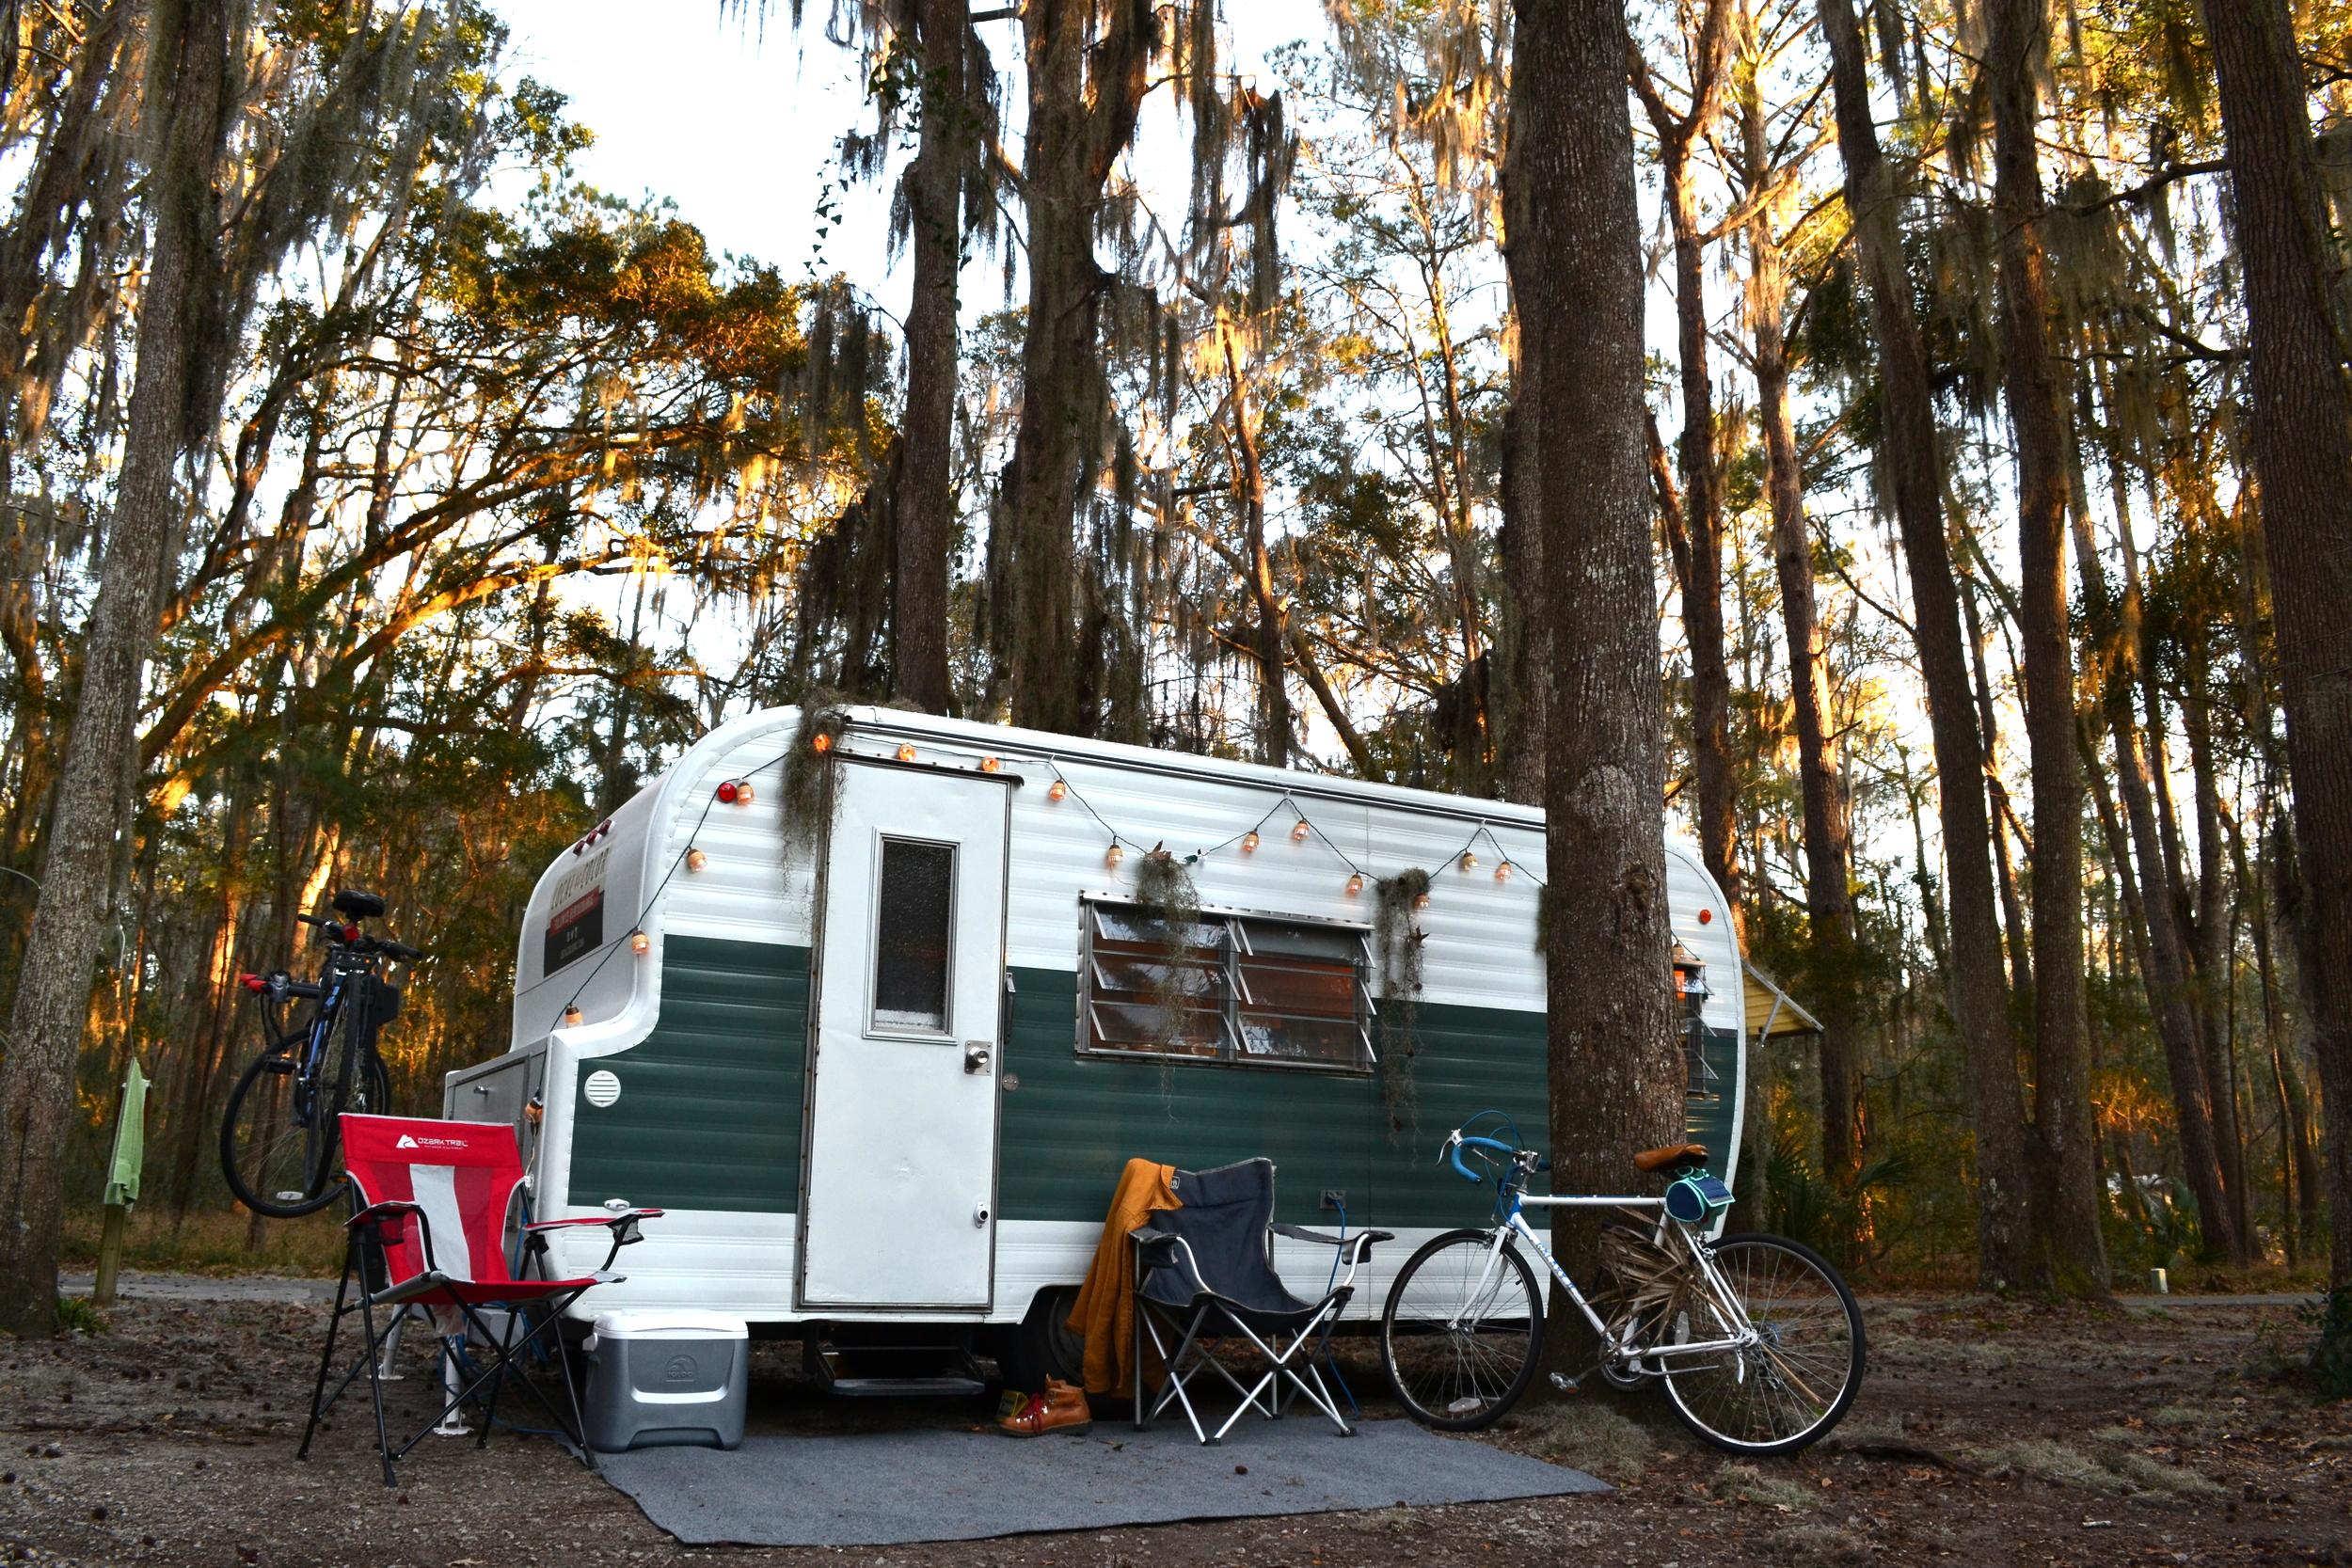 Elsie at Skidaway Island State Park near Savannah, GA.